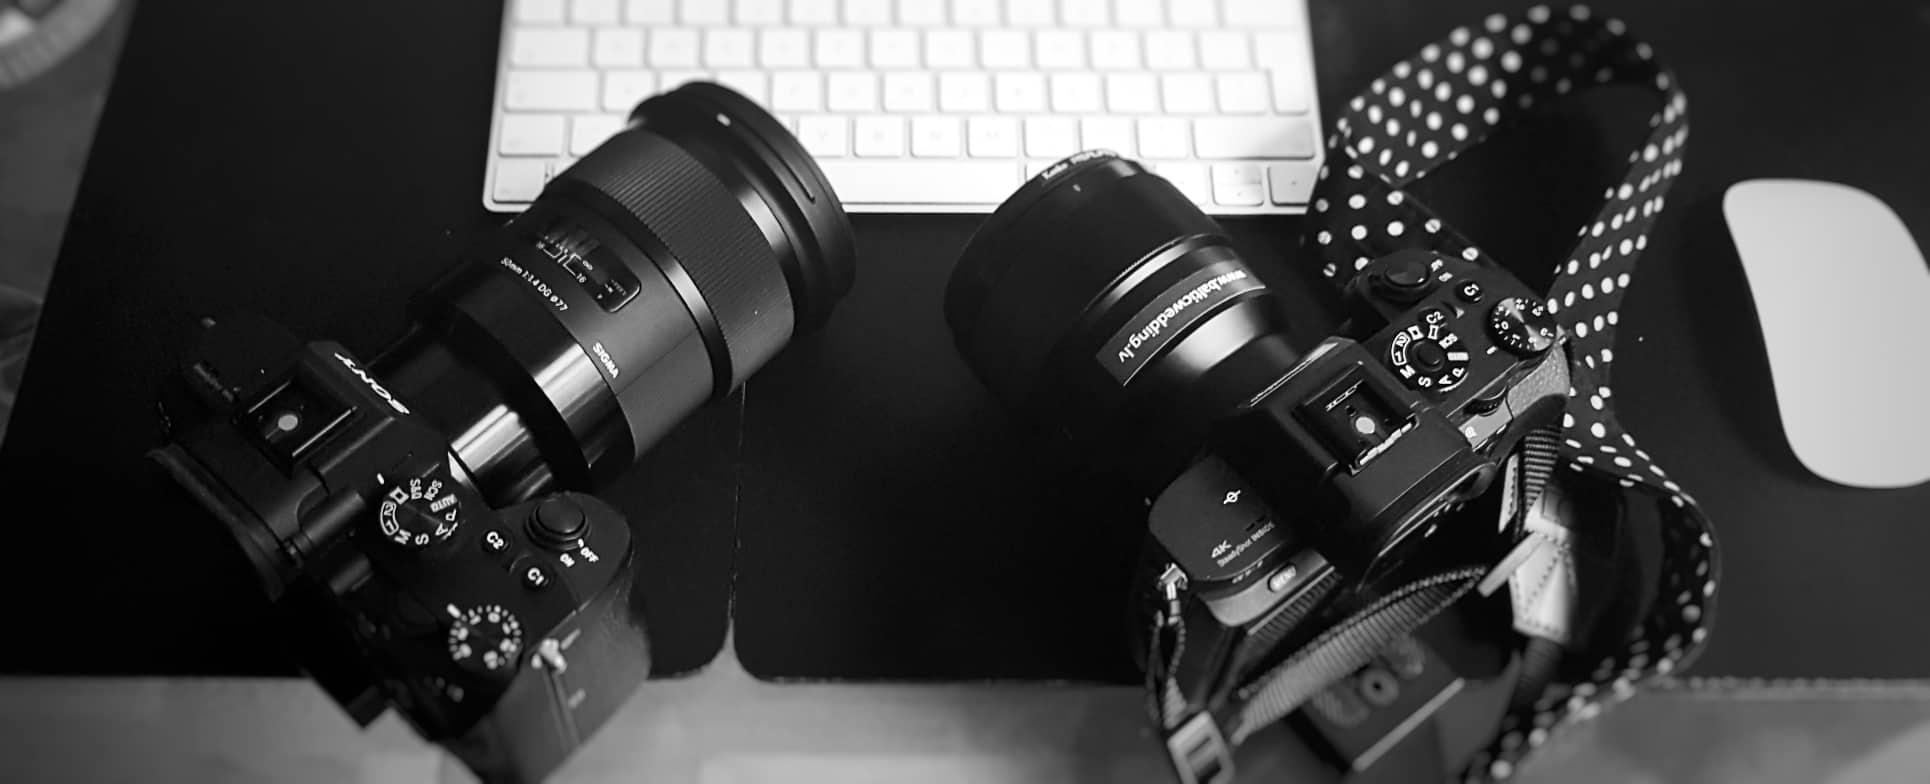 divi fotoaparāti divi operatori